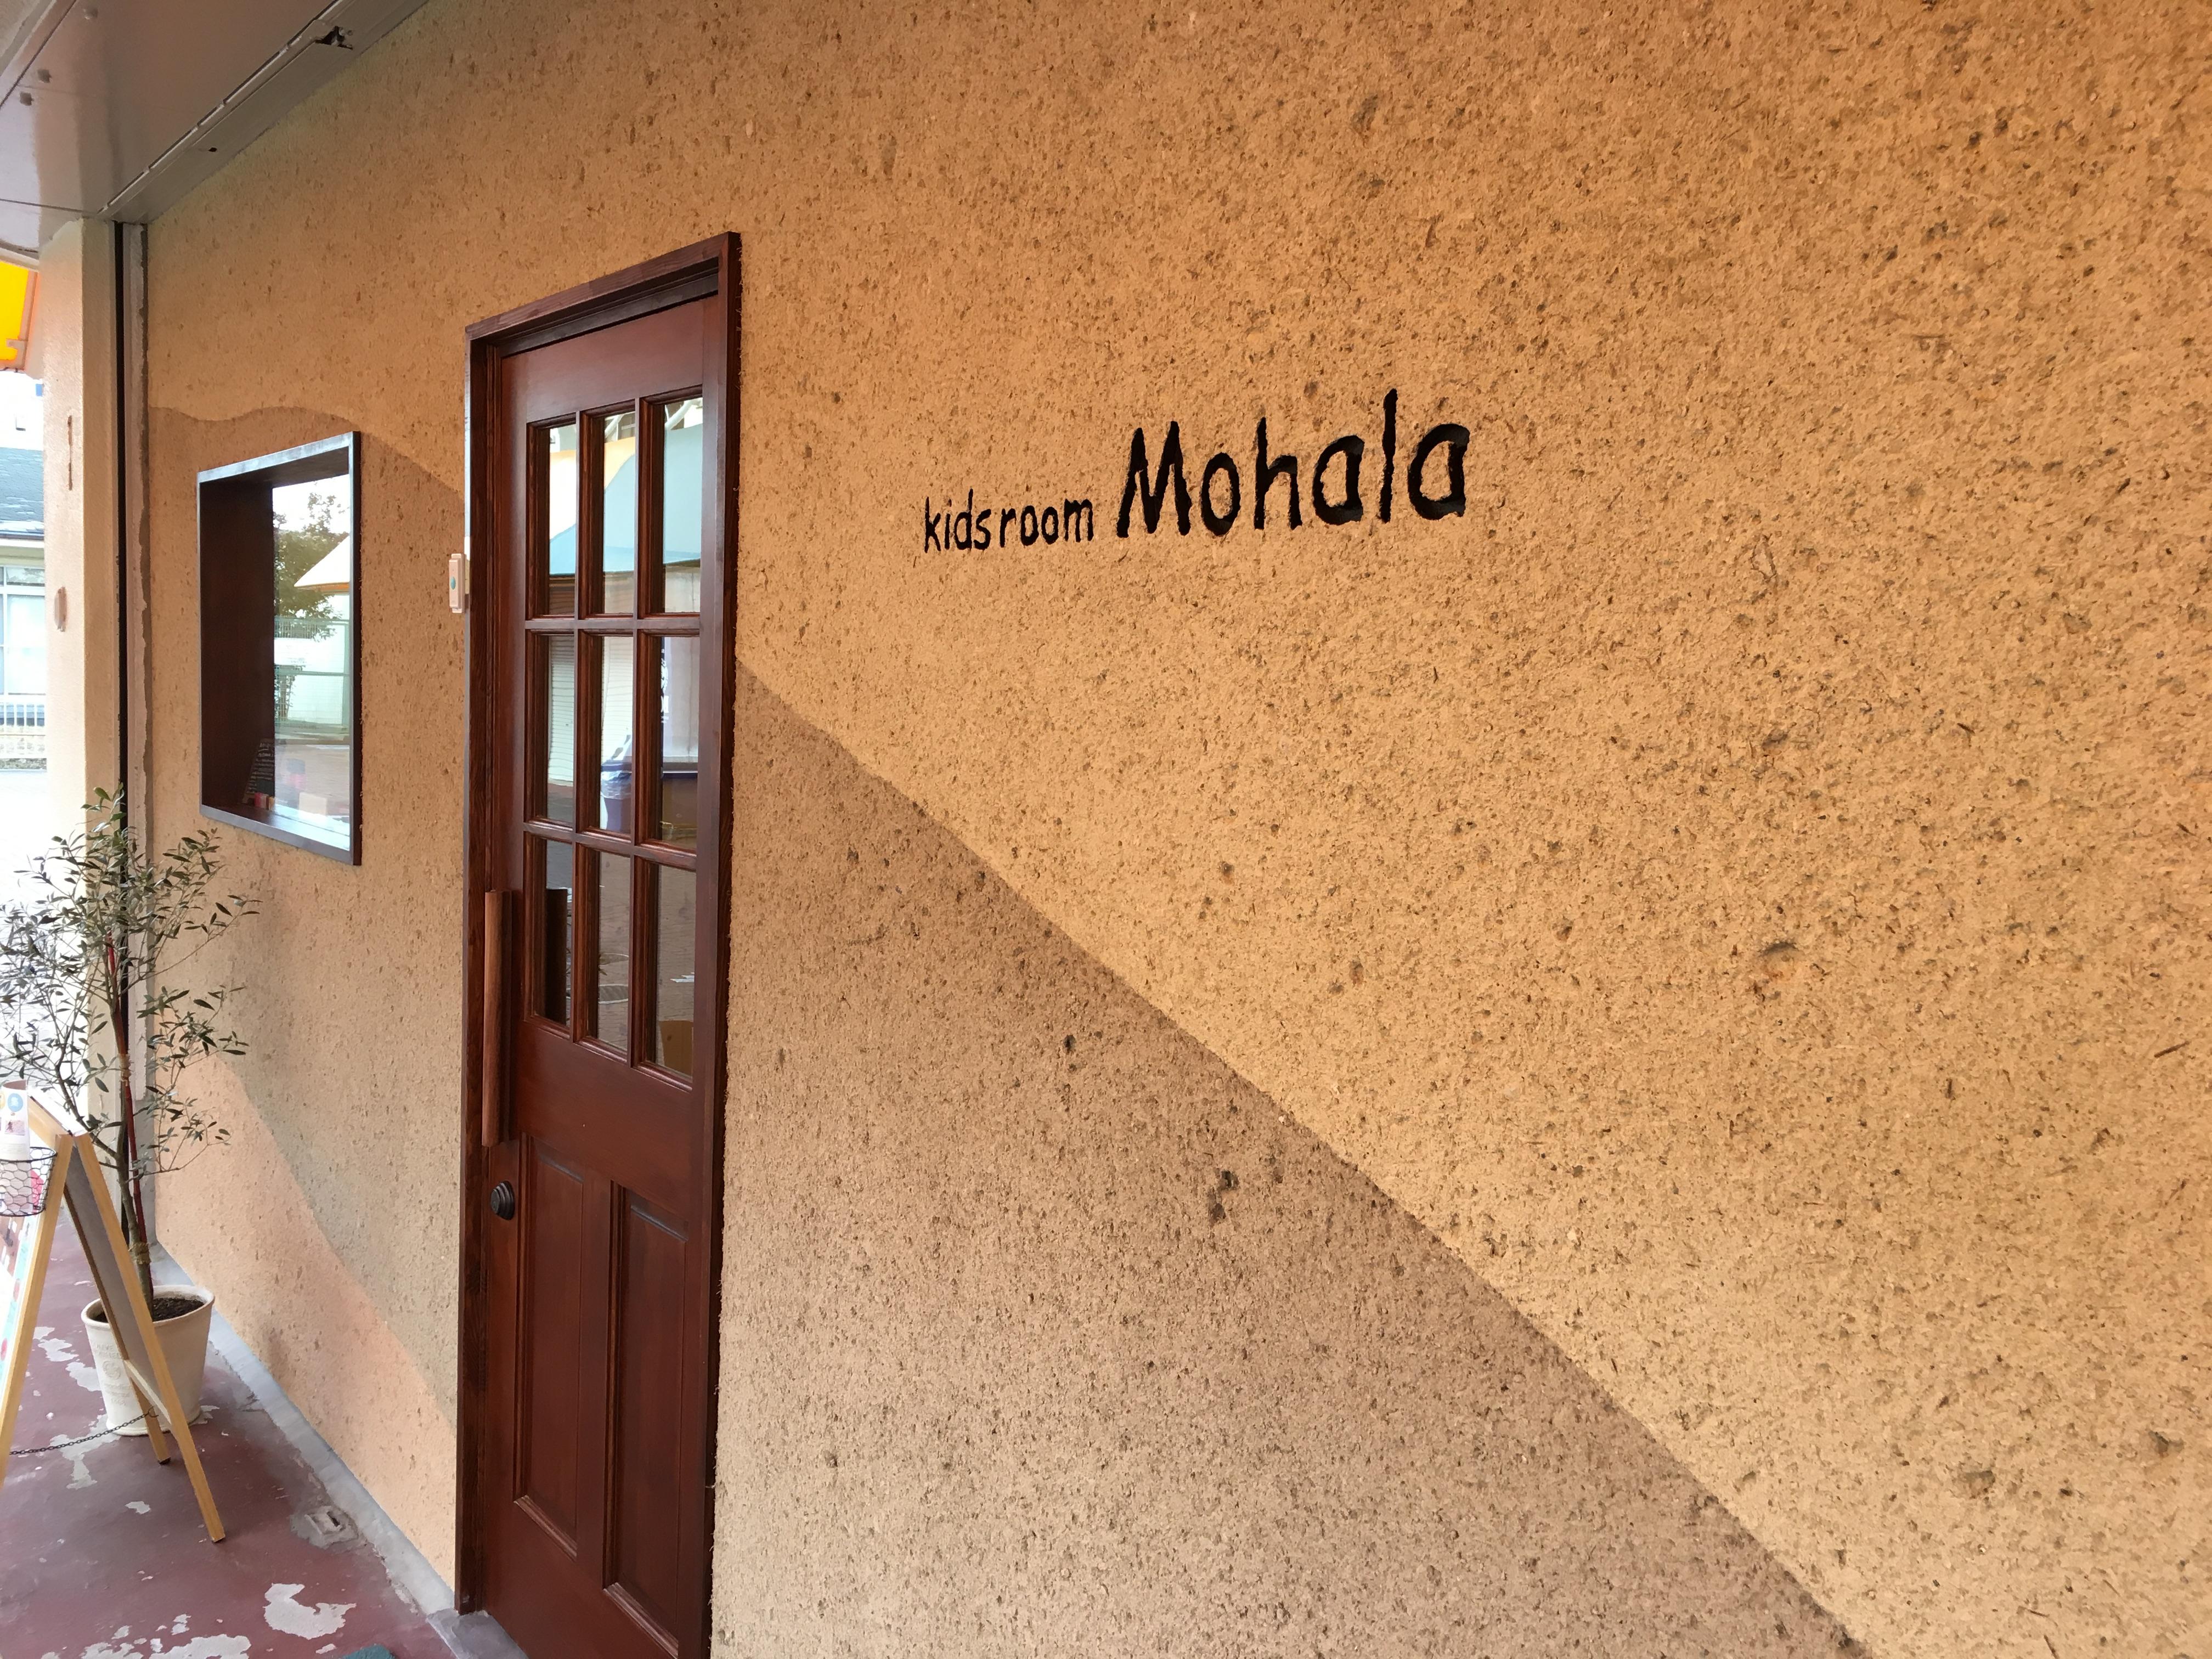 kidsroom Mohala オープン日